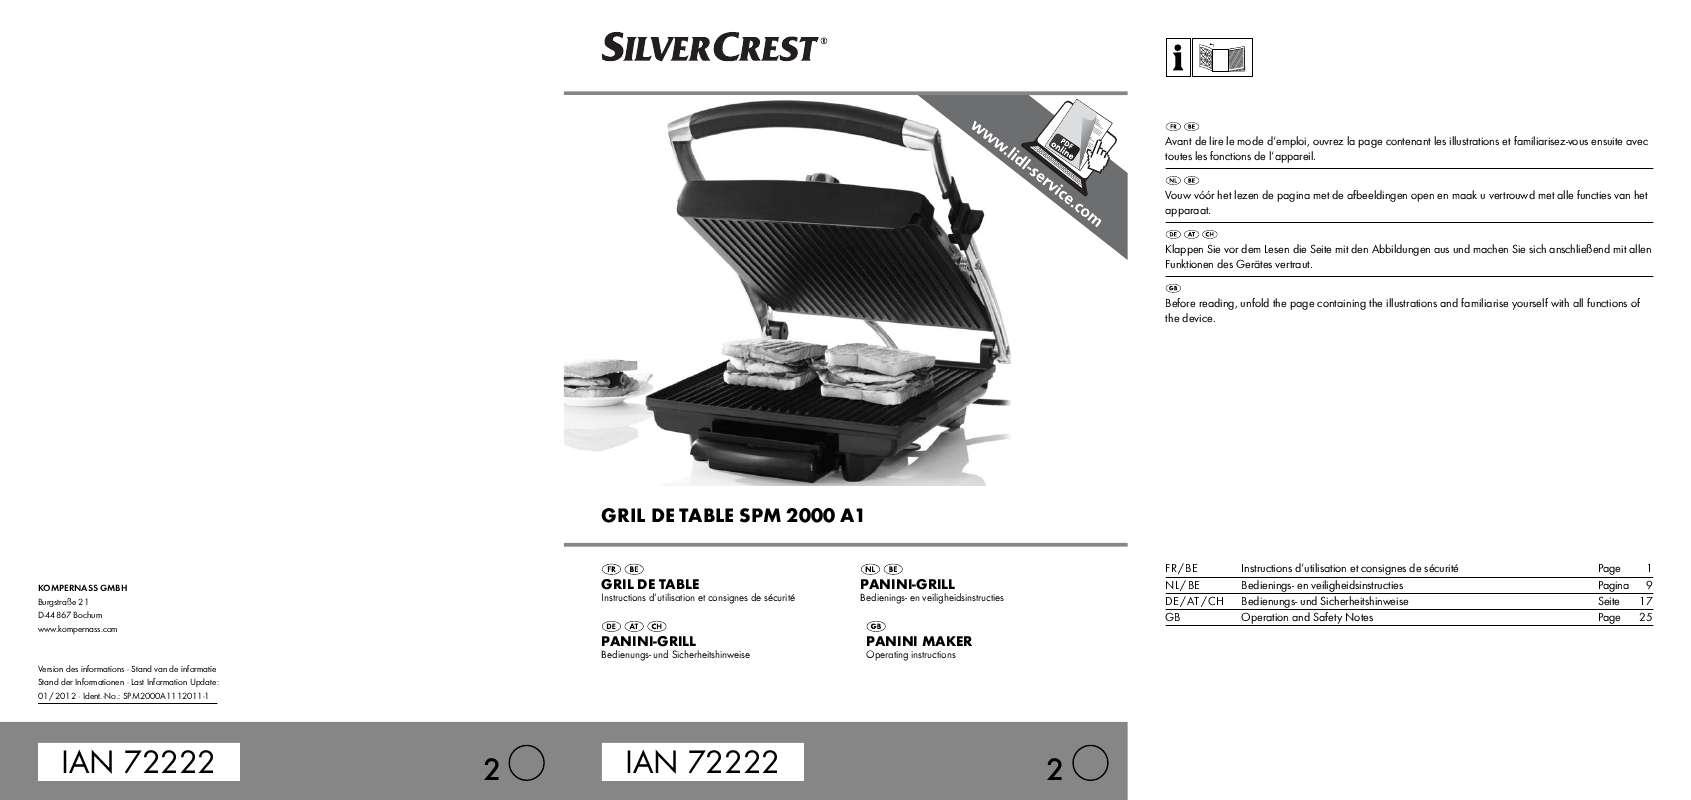 Guide utilisation  SILVERCREST SPM 2000 A1  de la marque SILVERCREST